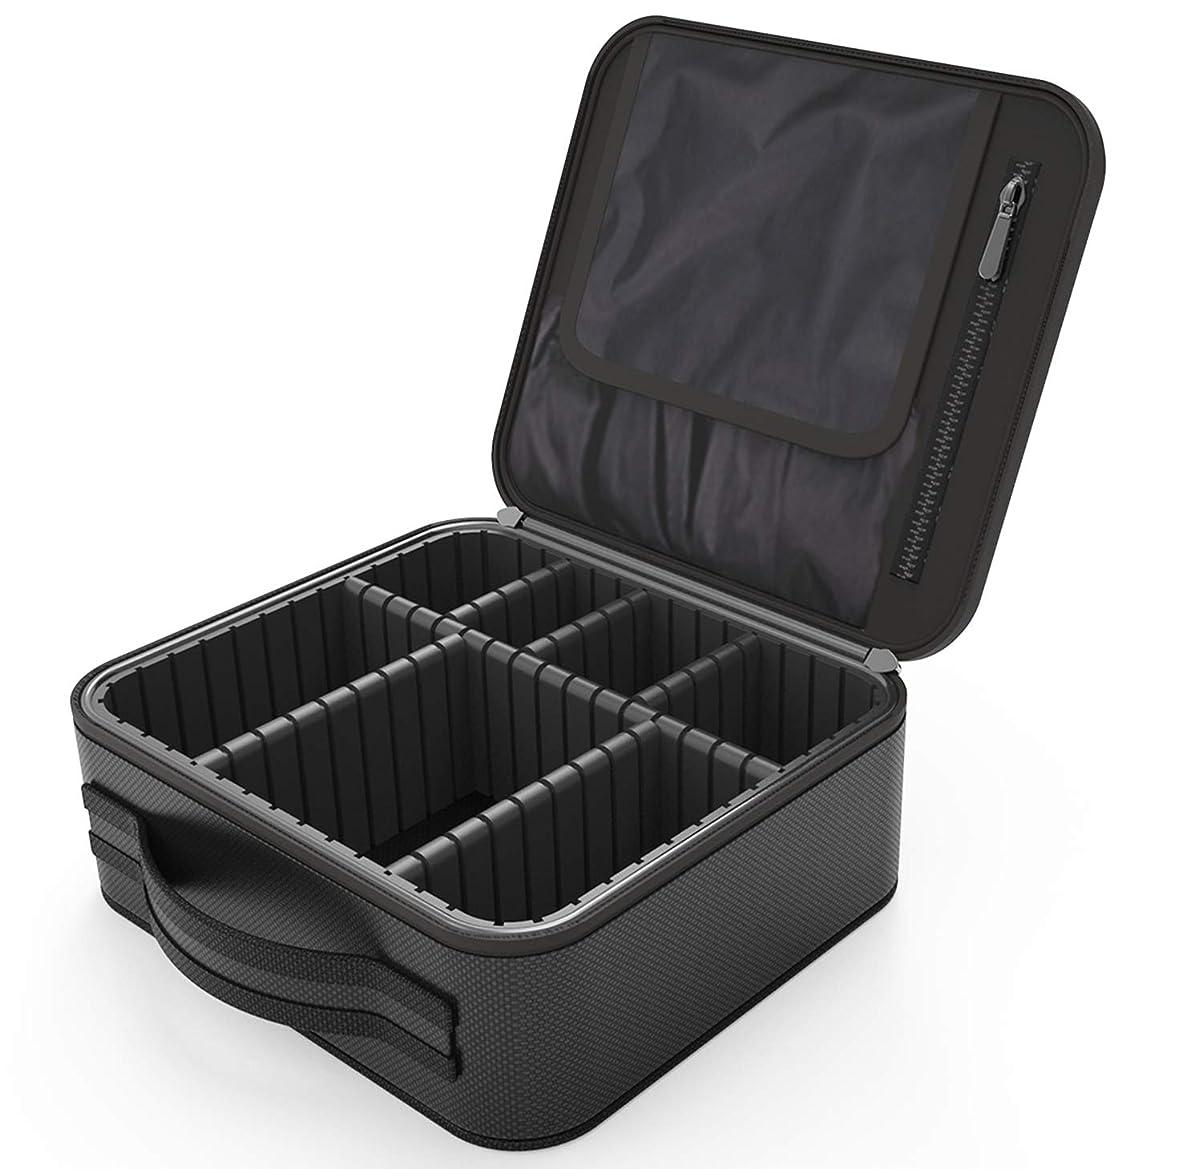 トライアスロン透ける苦しみRegalll 便携式 プロ用 メイクボックス 高品質 收納抜群 大容量 化粧バッグ 置き方が調整できる 旅行 家用に大活躍な化粧箱 (黑)